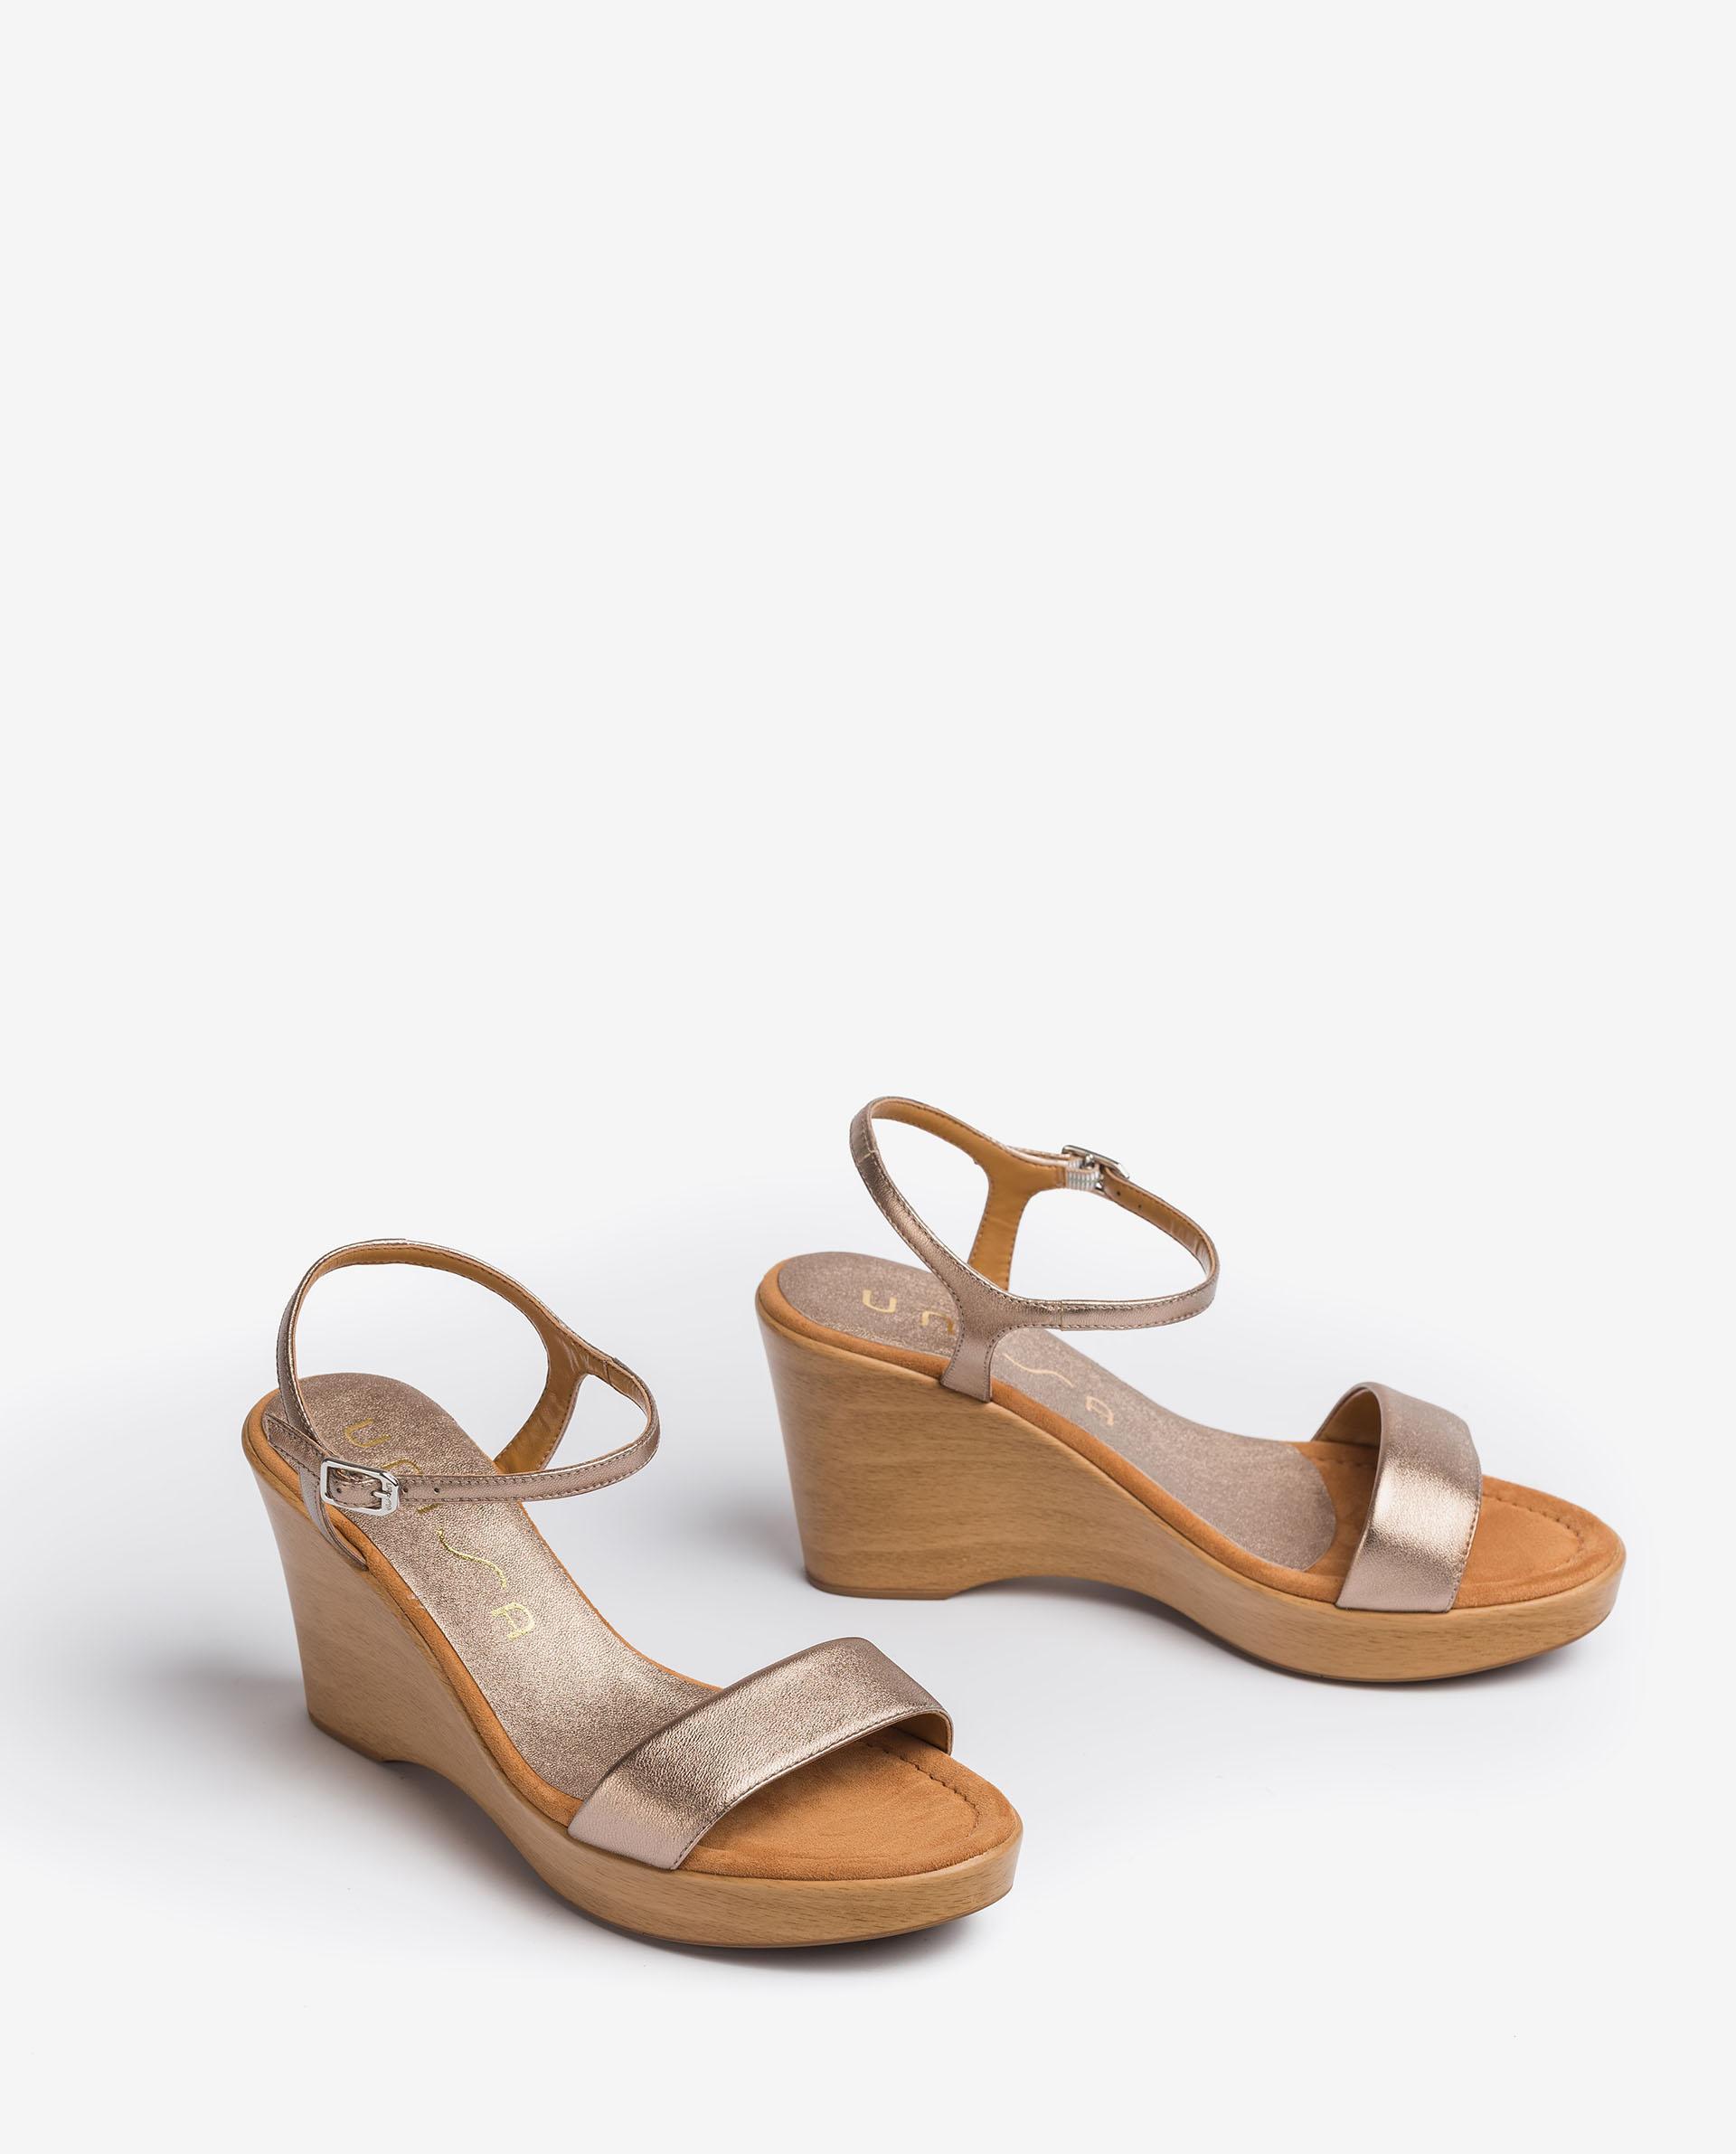 Unisa Sandals RITA_21_LMT mumm